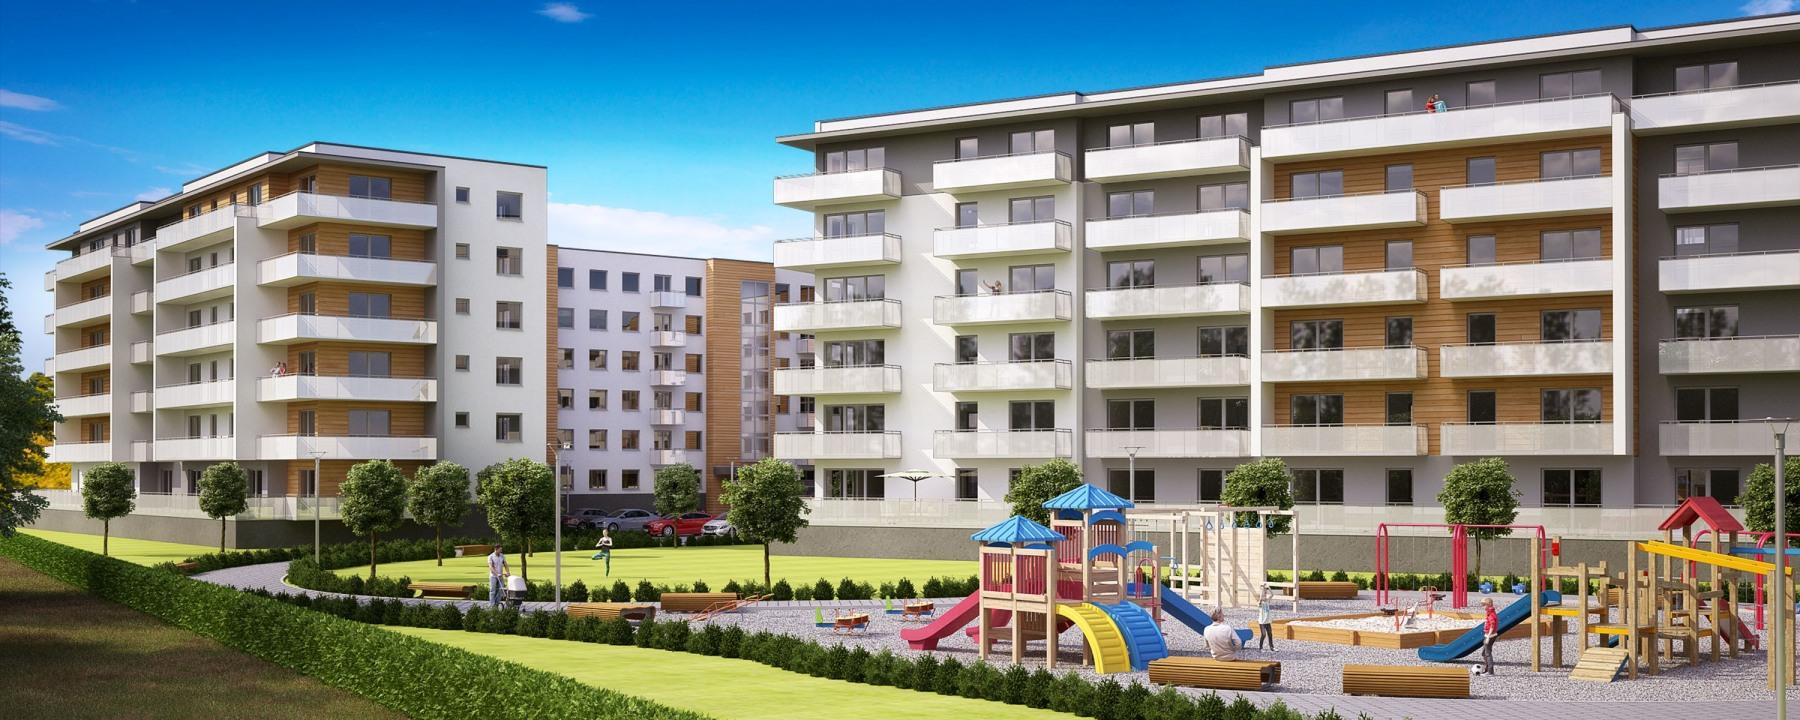 Mieszkania Zielona Góra - nowe inwestycje